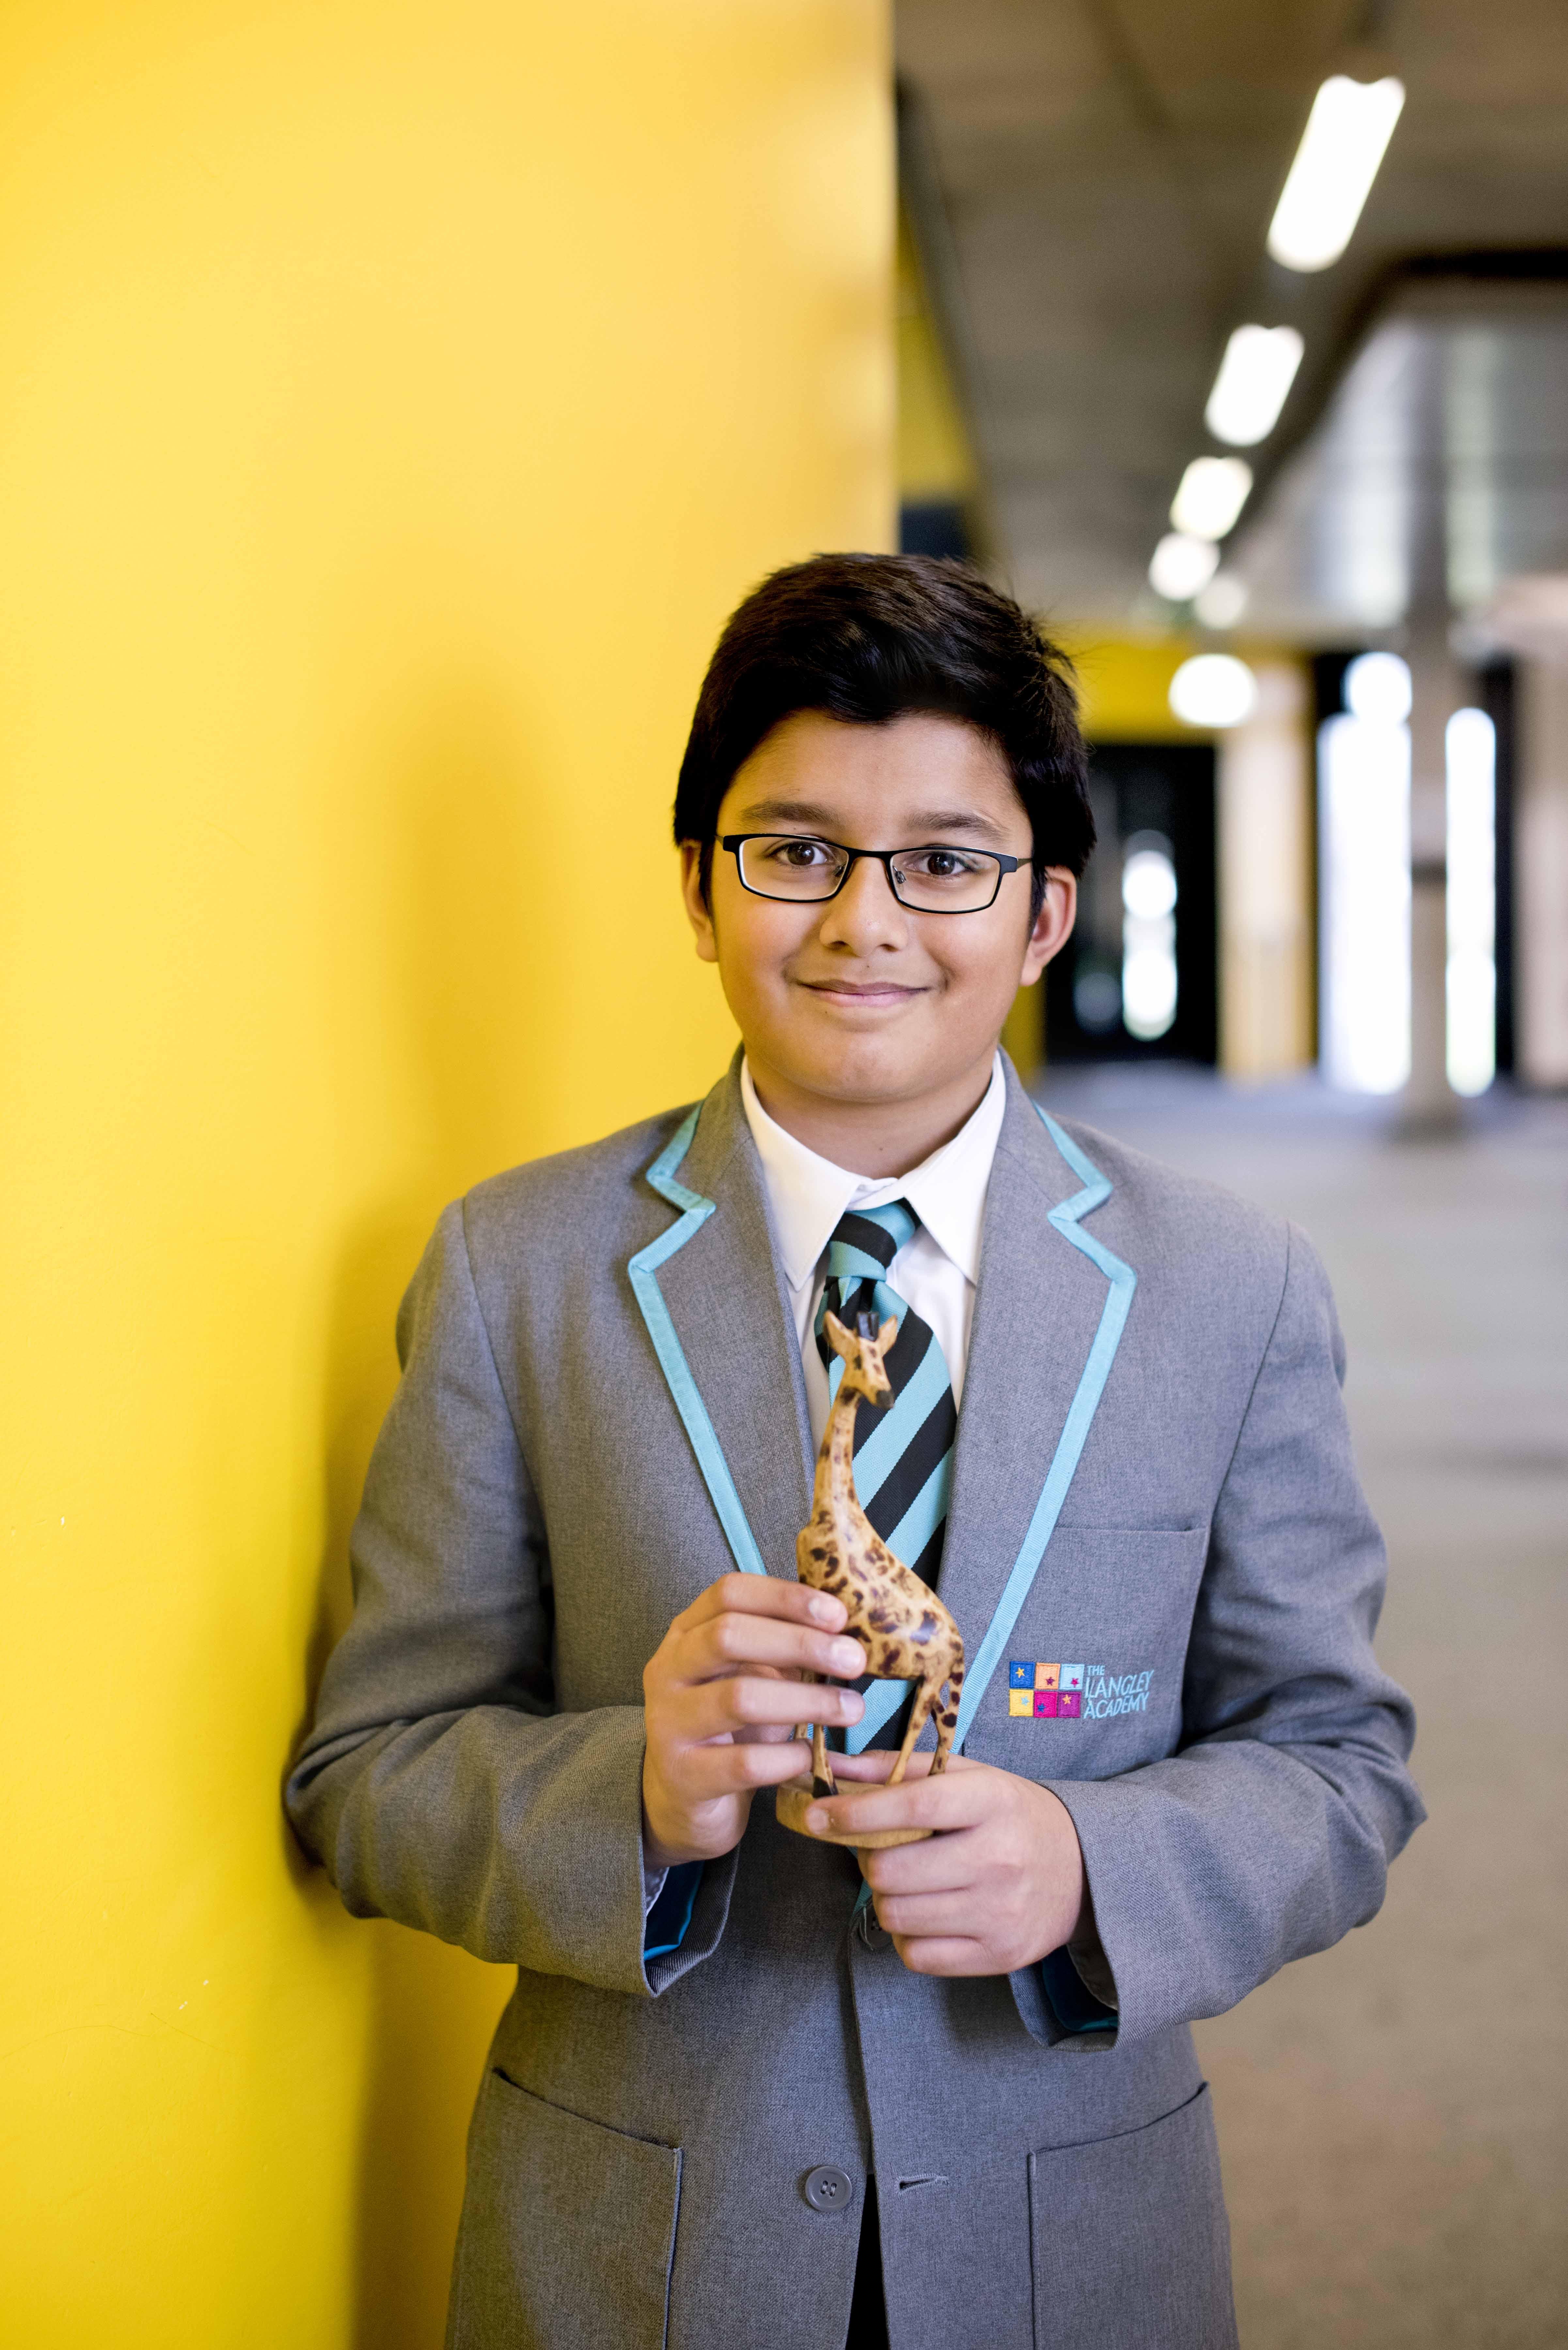 Pupil in uniform holds wooden giraffe in corridor of school.